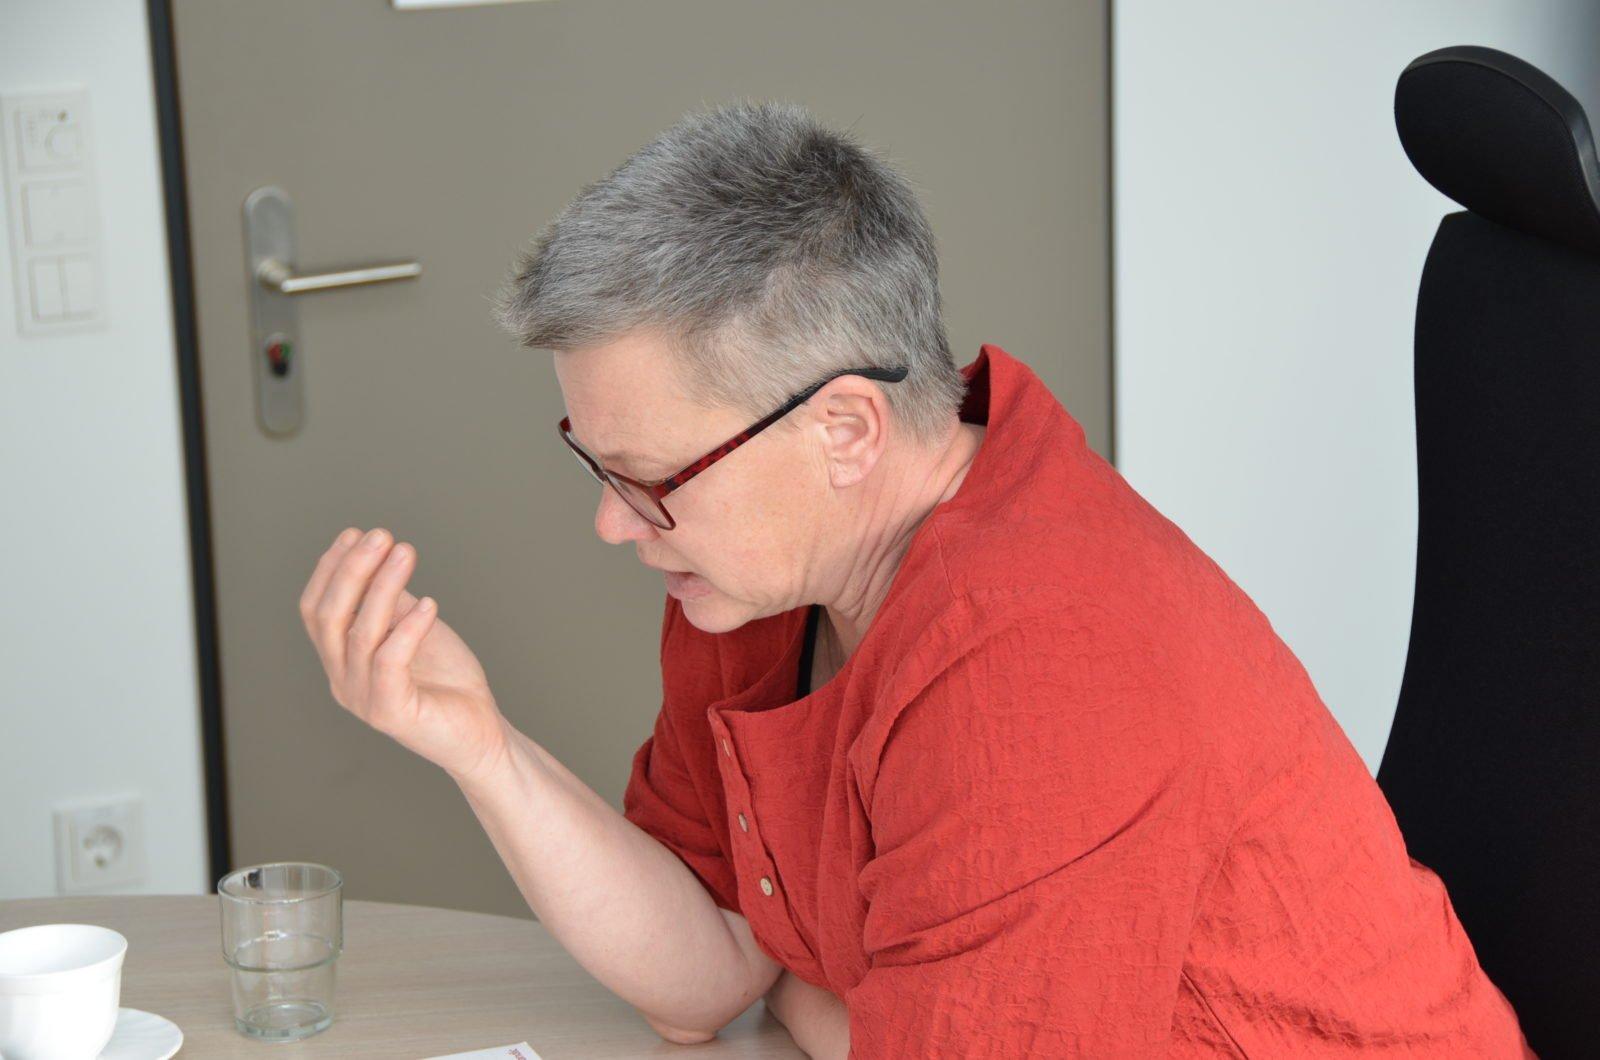 Foto von Dr. Elke Mandel, Landesbeauftragte für die Belange von Menschen mit Behinderungen in Brandenburg, im Profil aufgenommen. Sie redet und gestikuliert dabei mit der linken Hand.